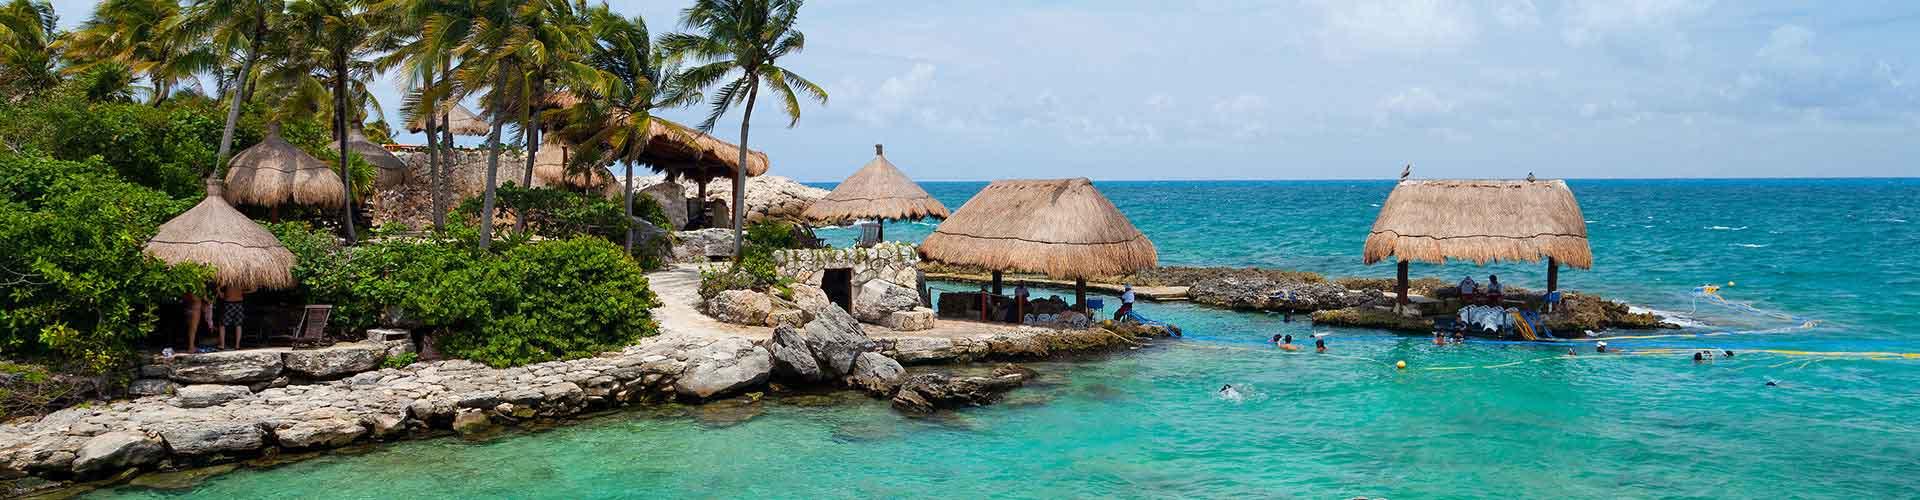 Cancun - Hostele w mieście: Cancun, Mapy: Cancun, Zdjęcia i Recenzje dla każdego hostelu w mieście Cancun.